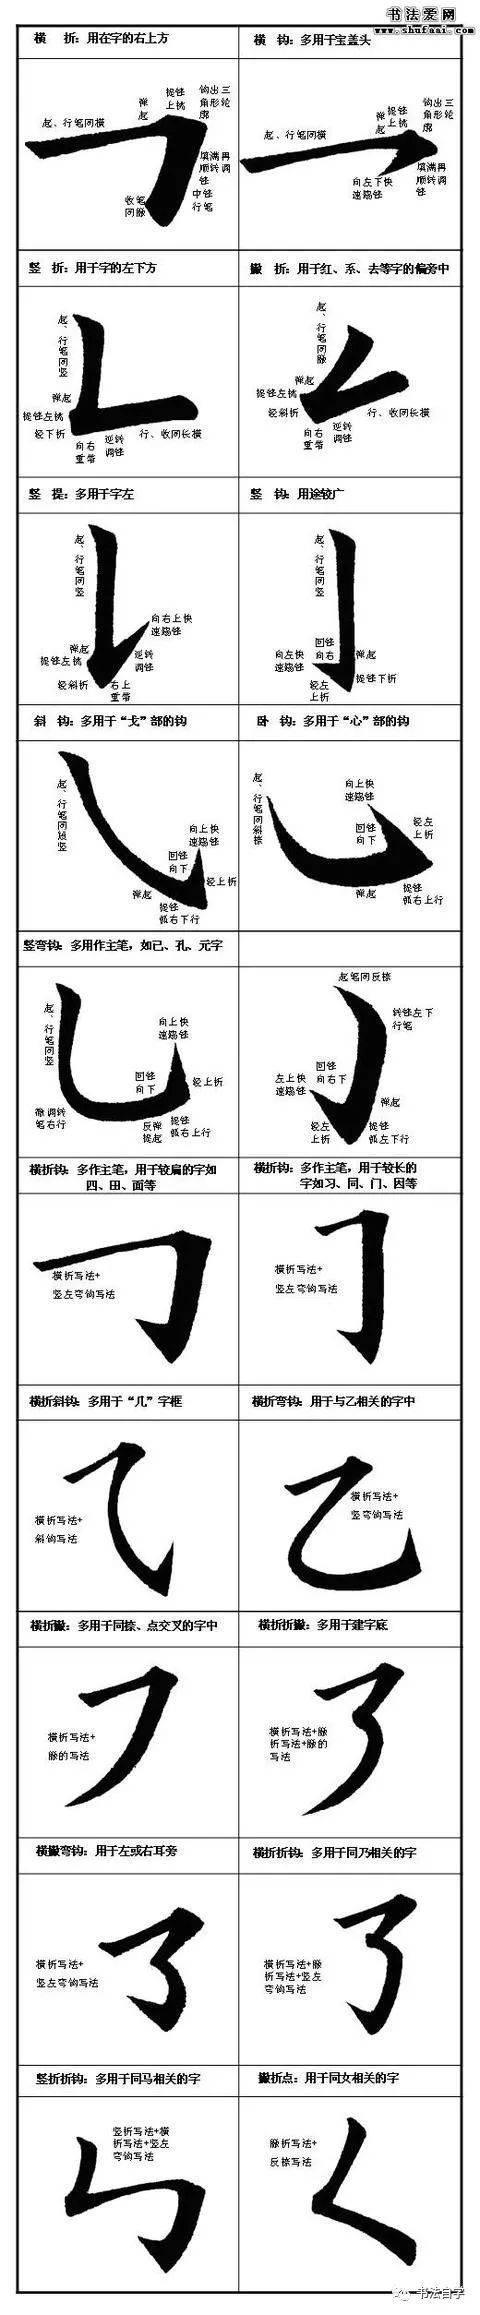 Китайская каллиграфия, черты